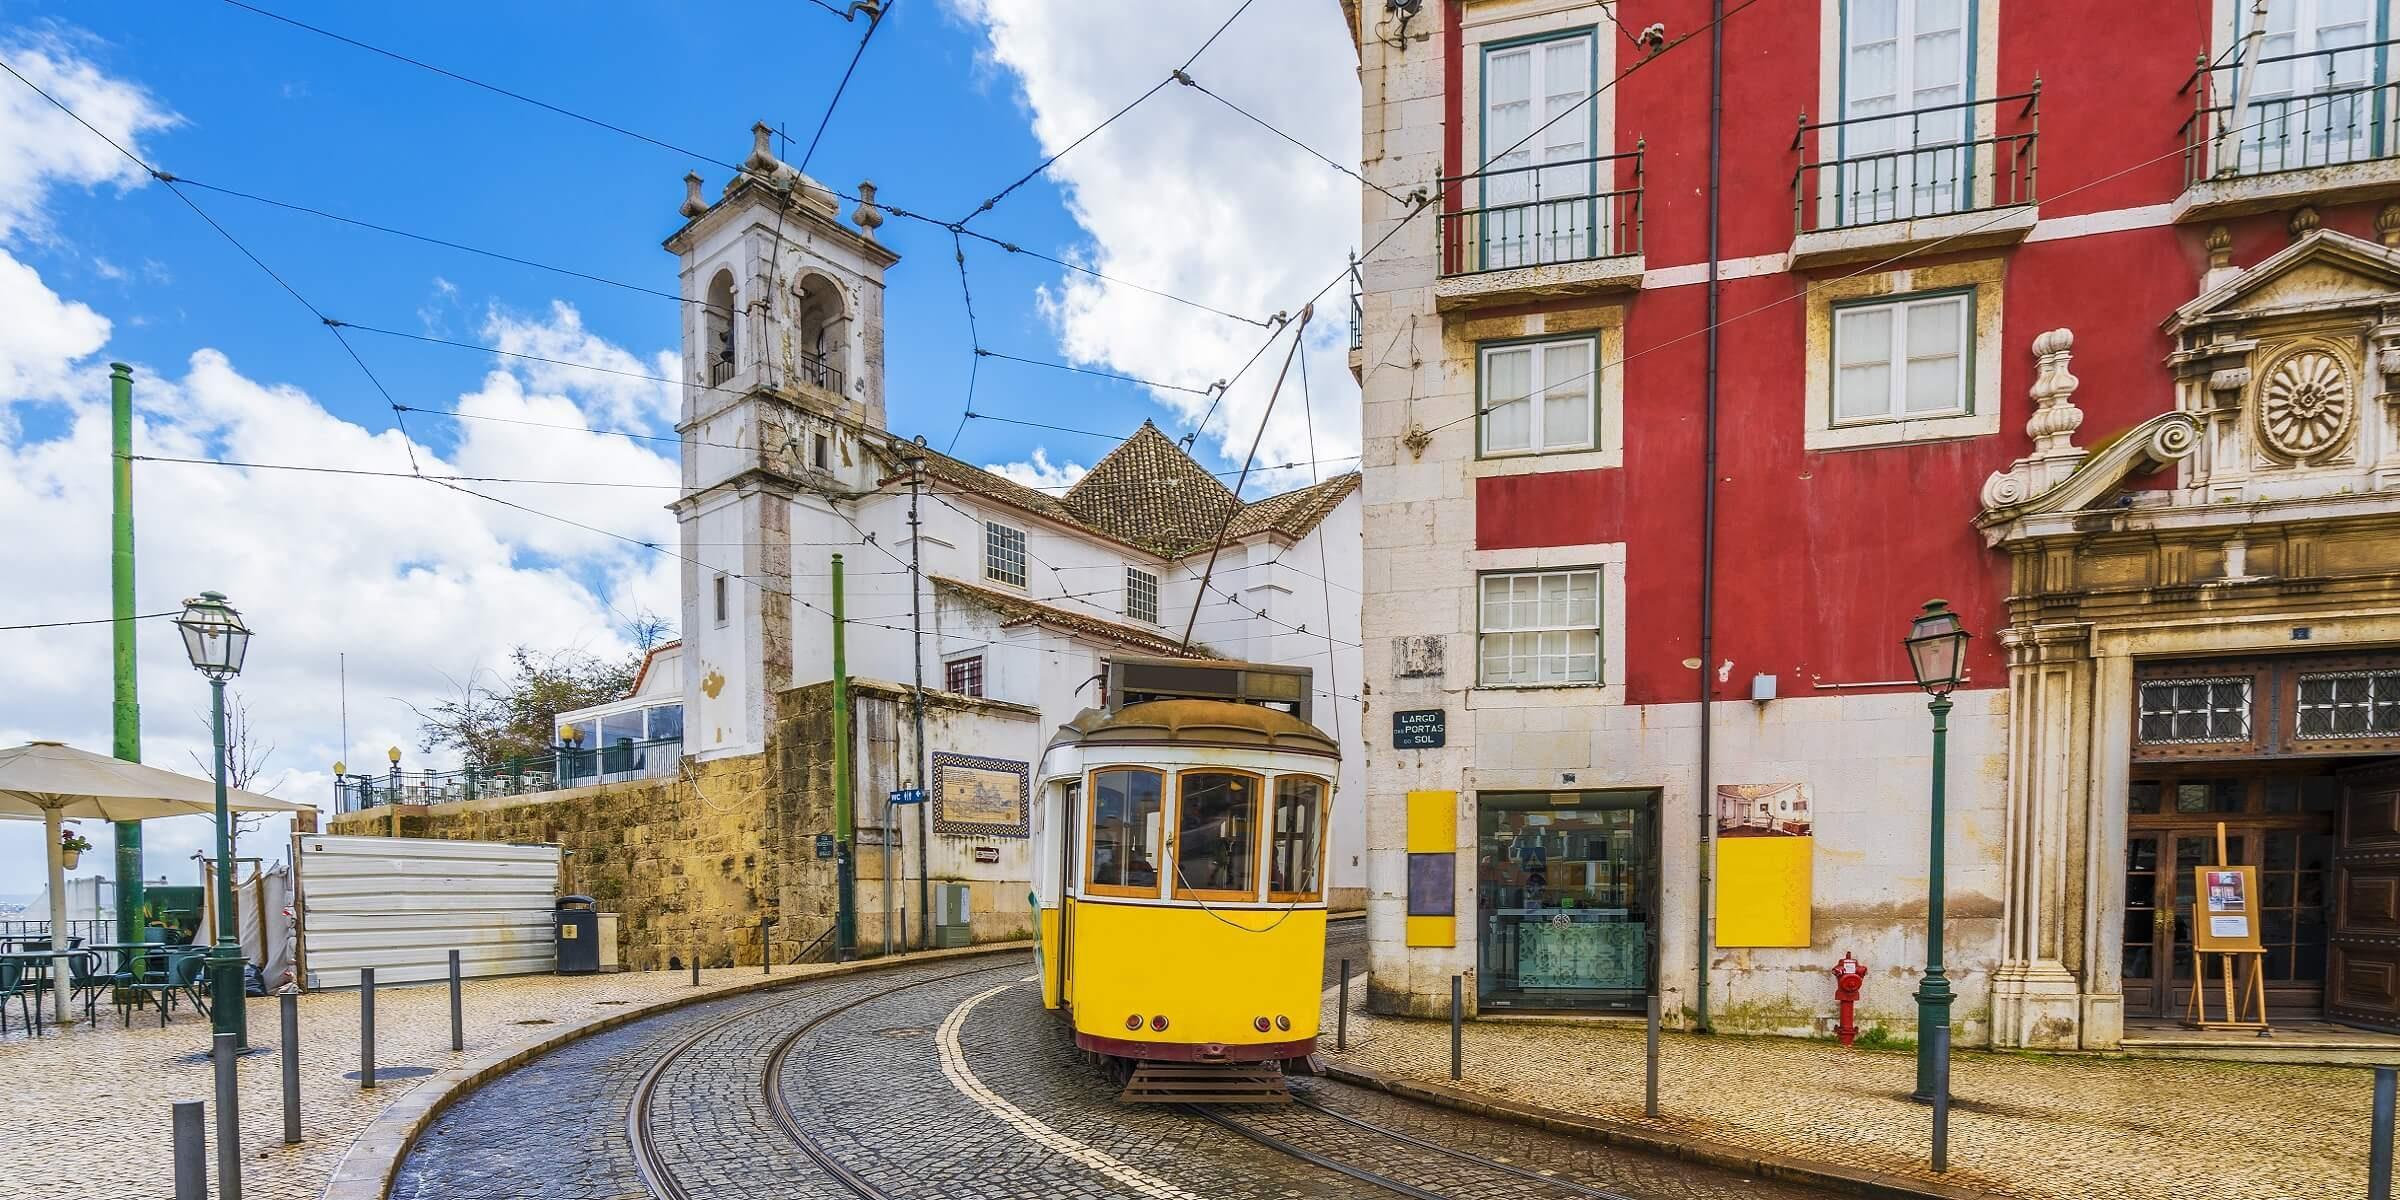 Mit der Straßenbahn in der Freizeit während Ihrem Single Urlaub Lissabon erkunden